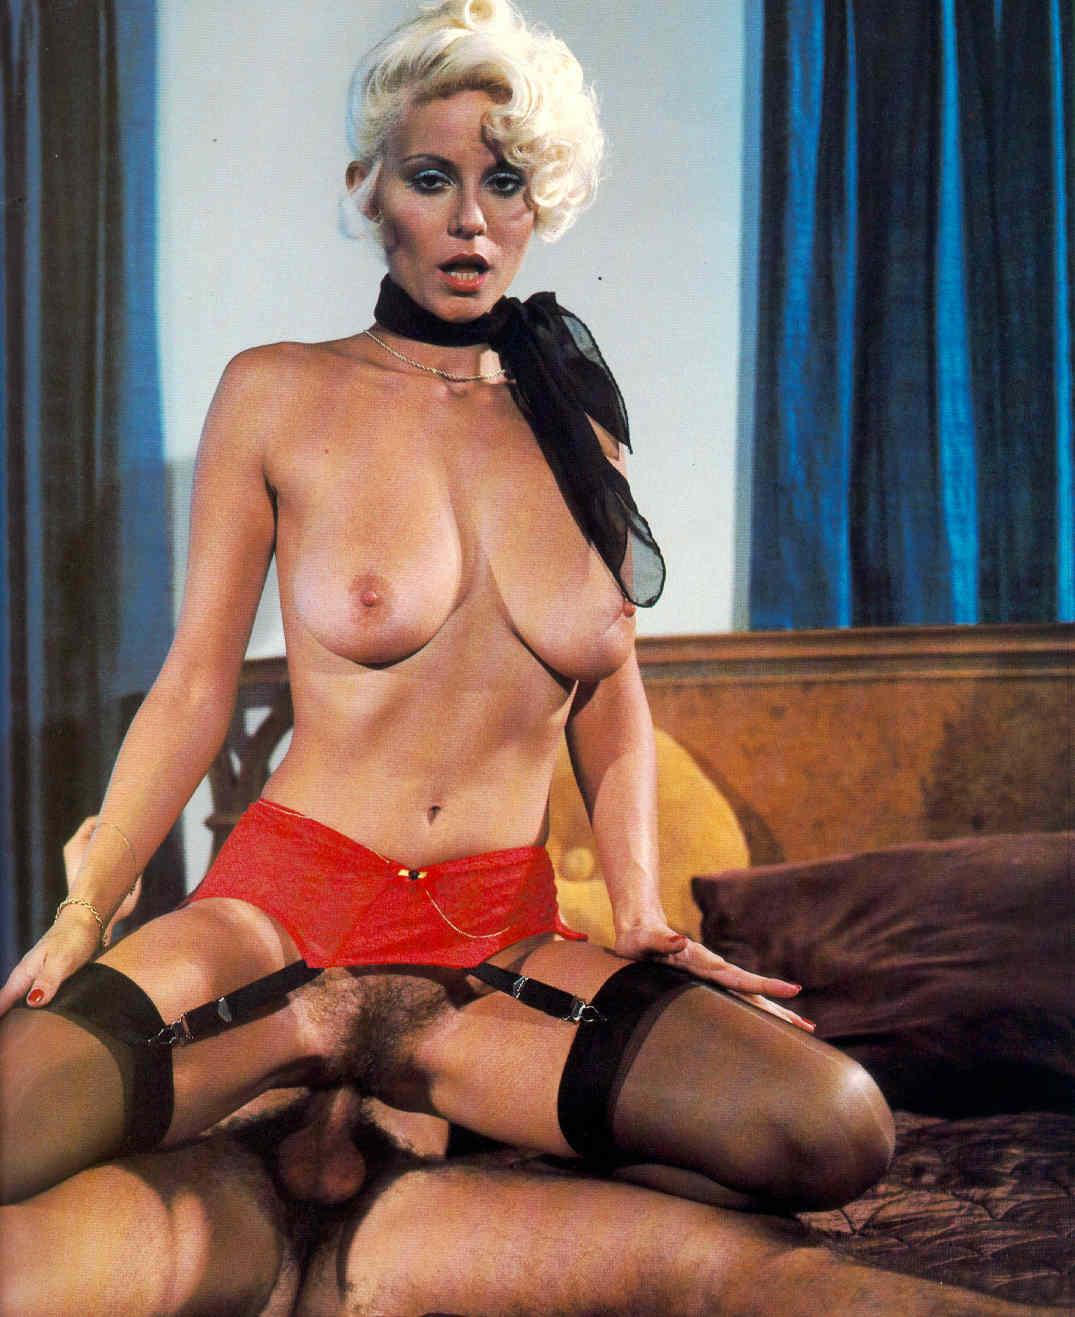 Estrellas del porno desnudas en videos de sexo Pornhub